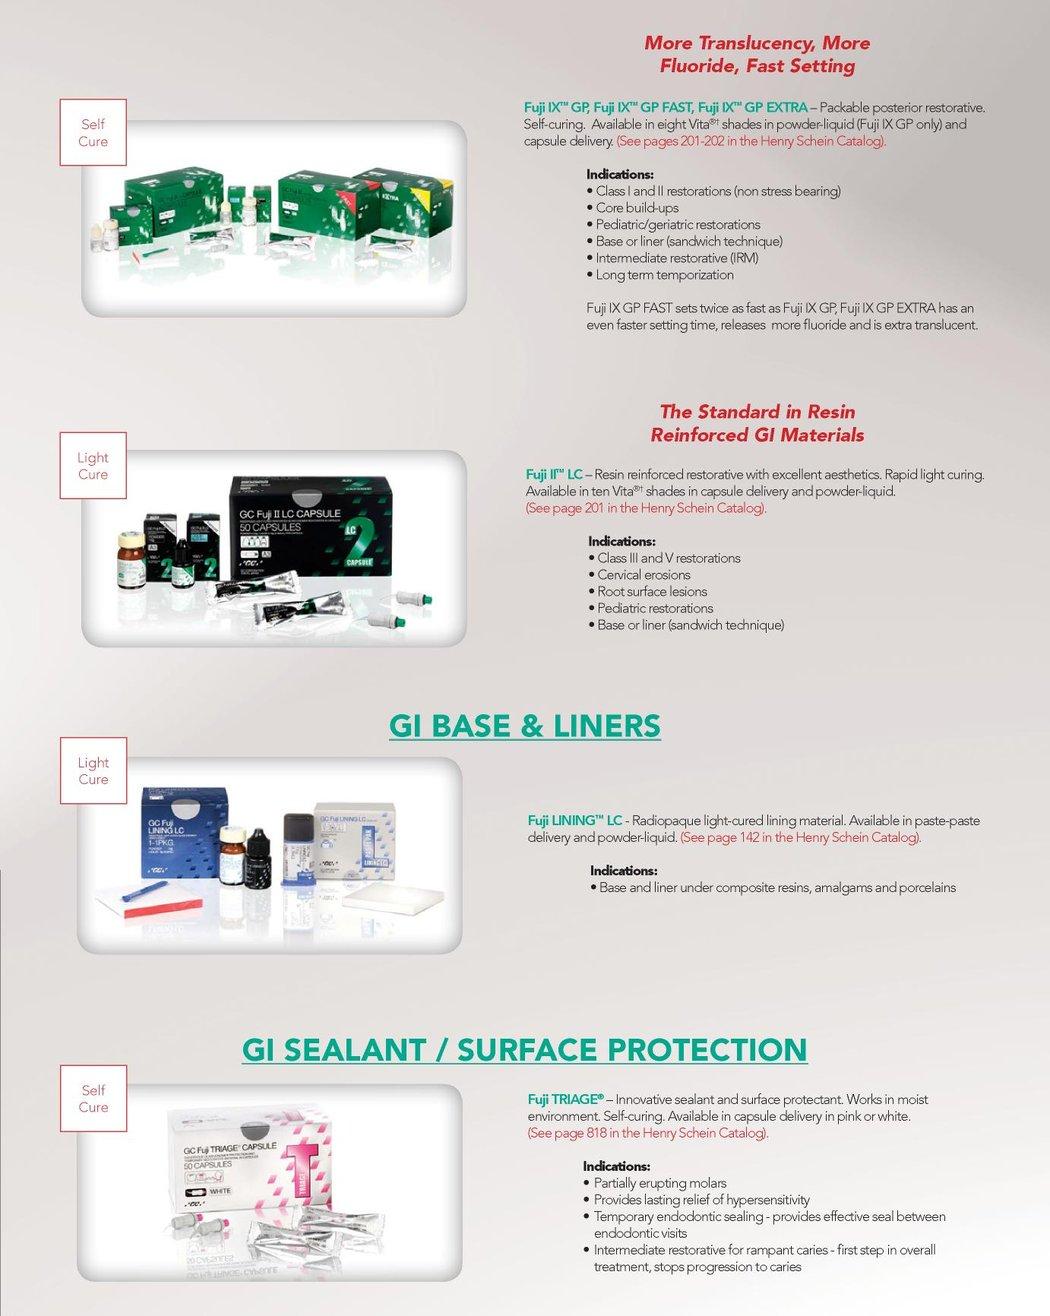 Dental Sales Flyer - December 2010